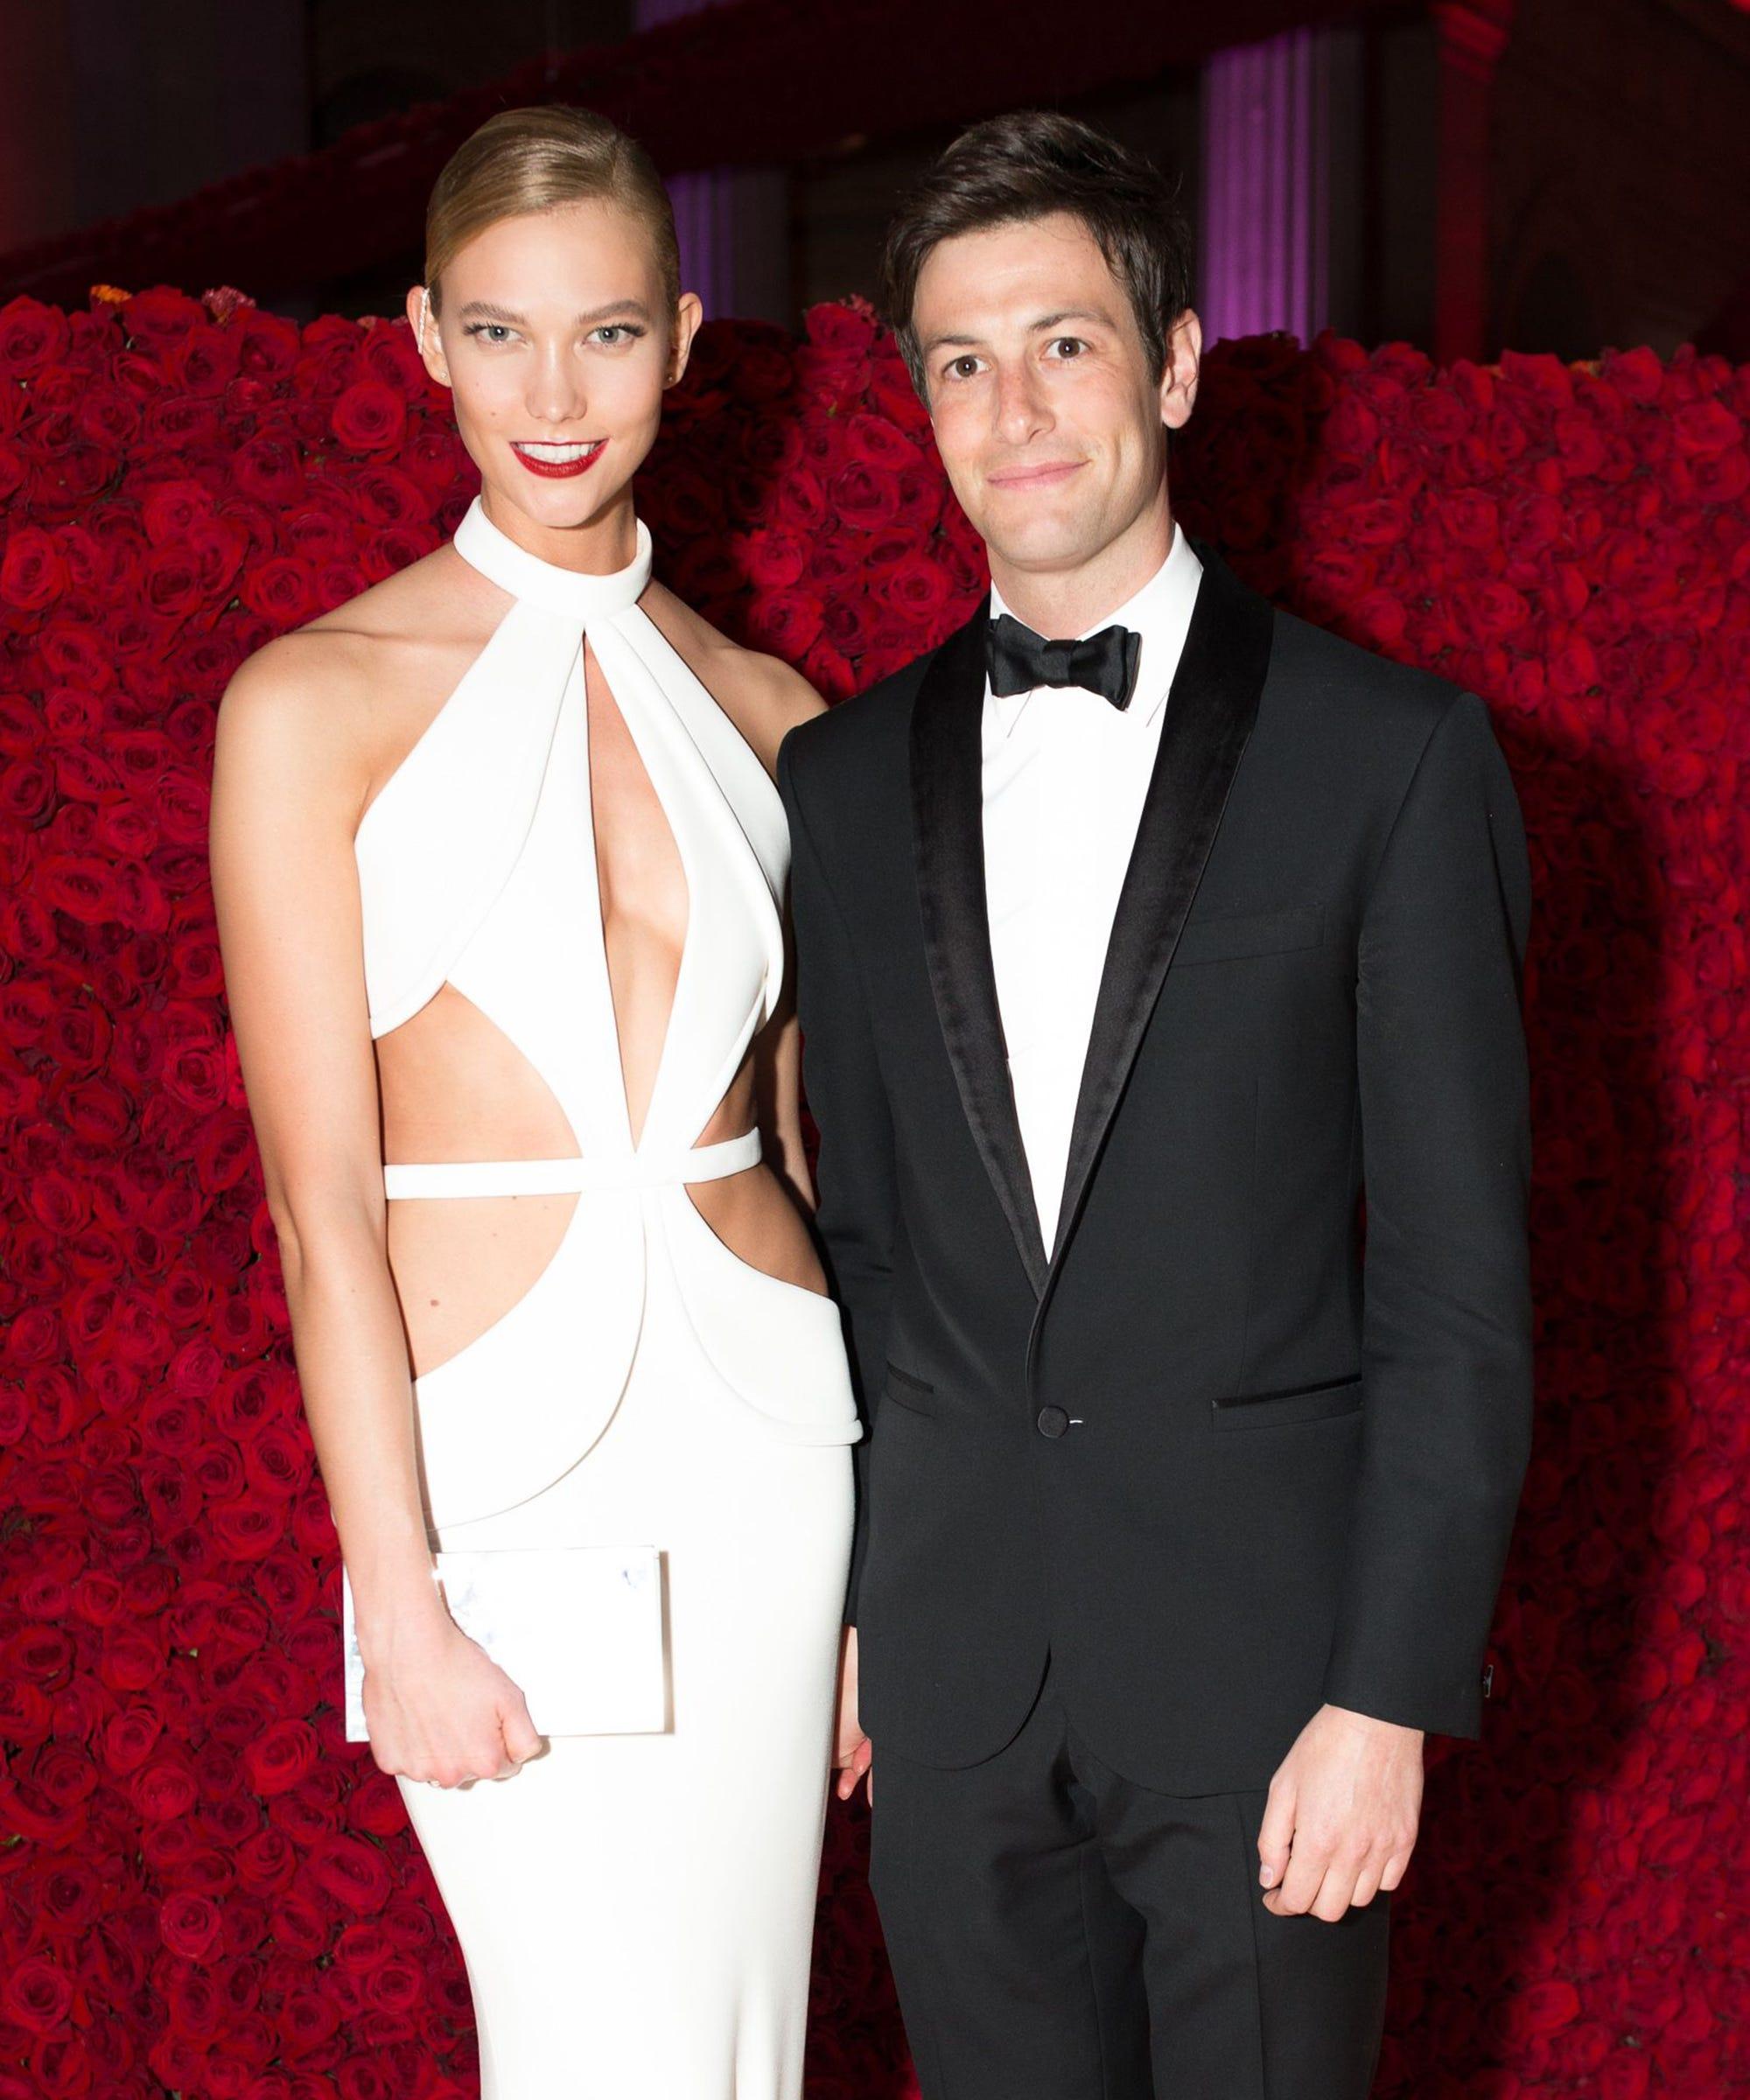 Karlie Kloss & Josh Kushner Wedding Day Guests, Details